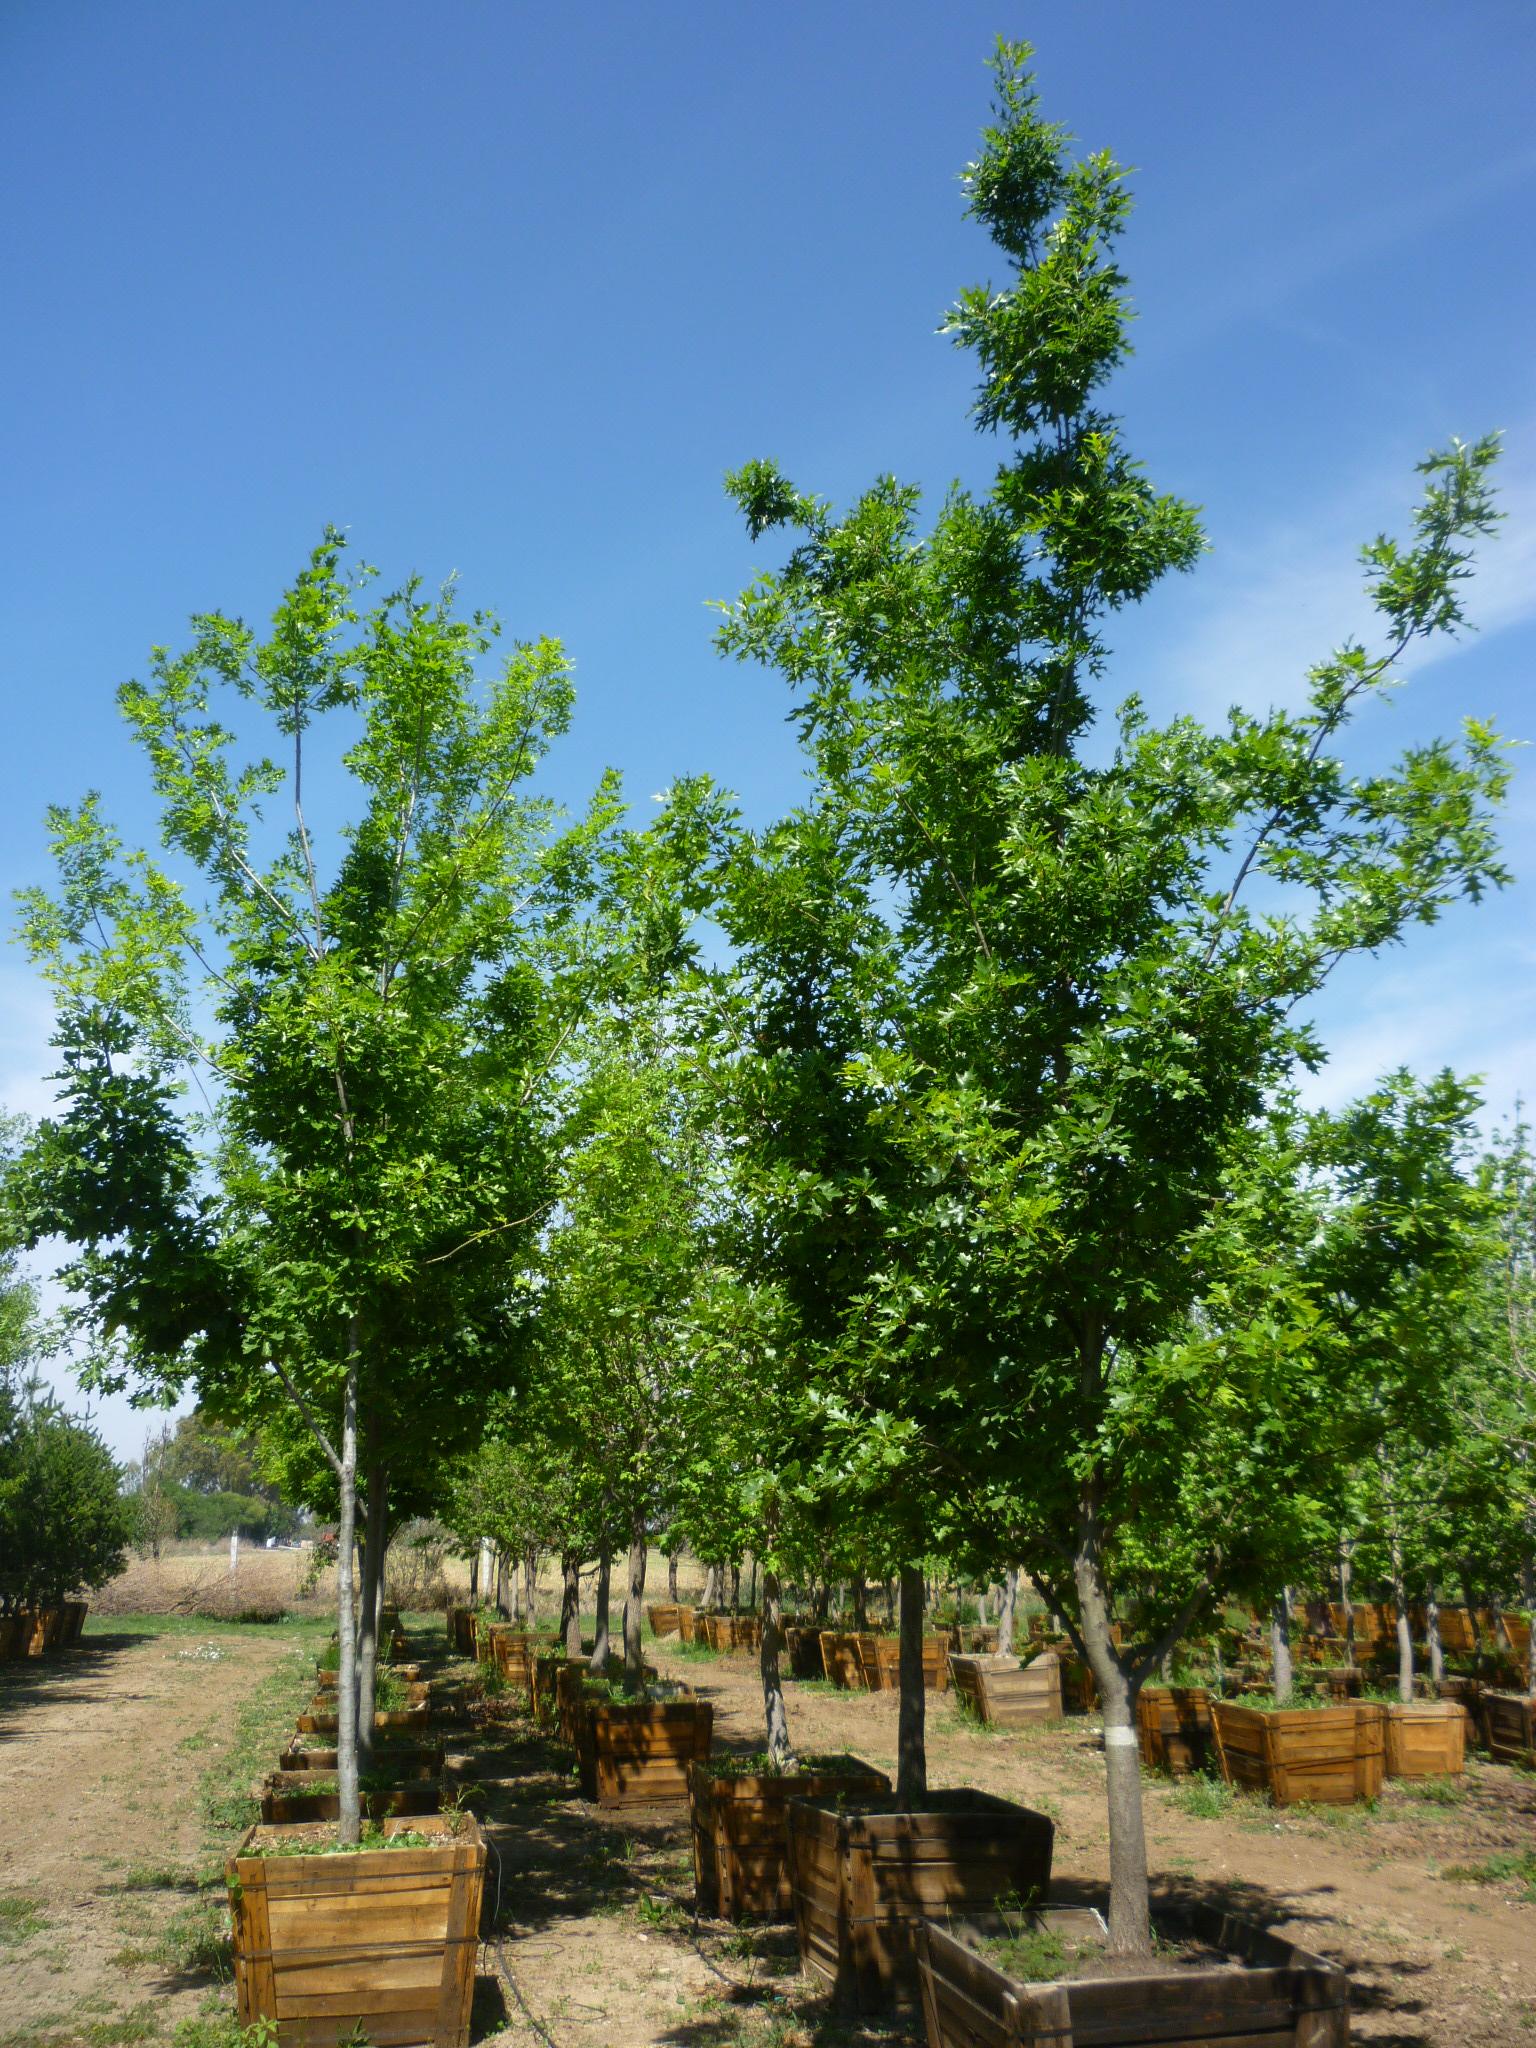 Productos viveros productores de guanajuato vpg for Viveros de arboles en madrid